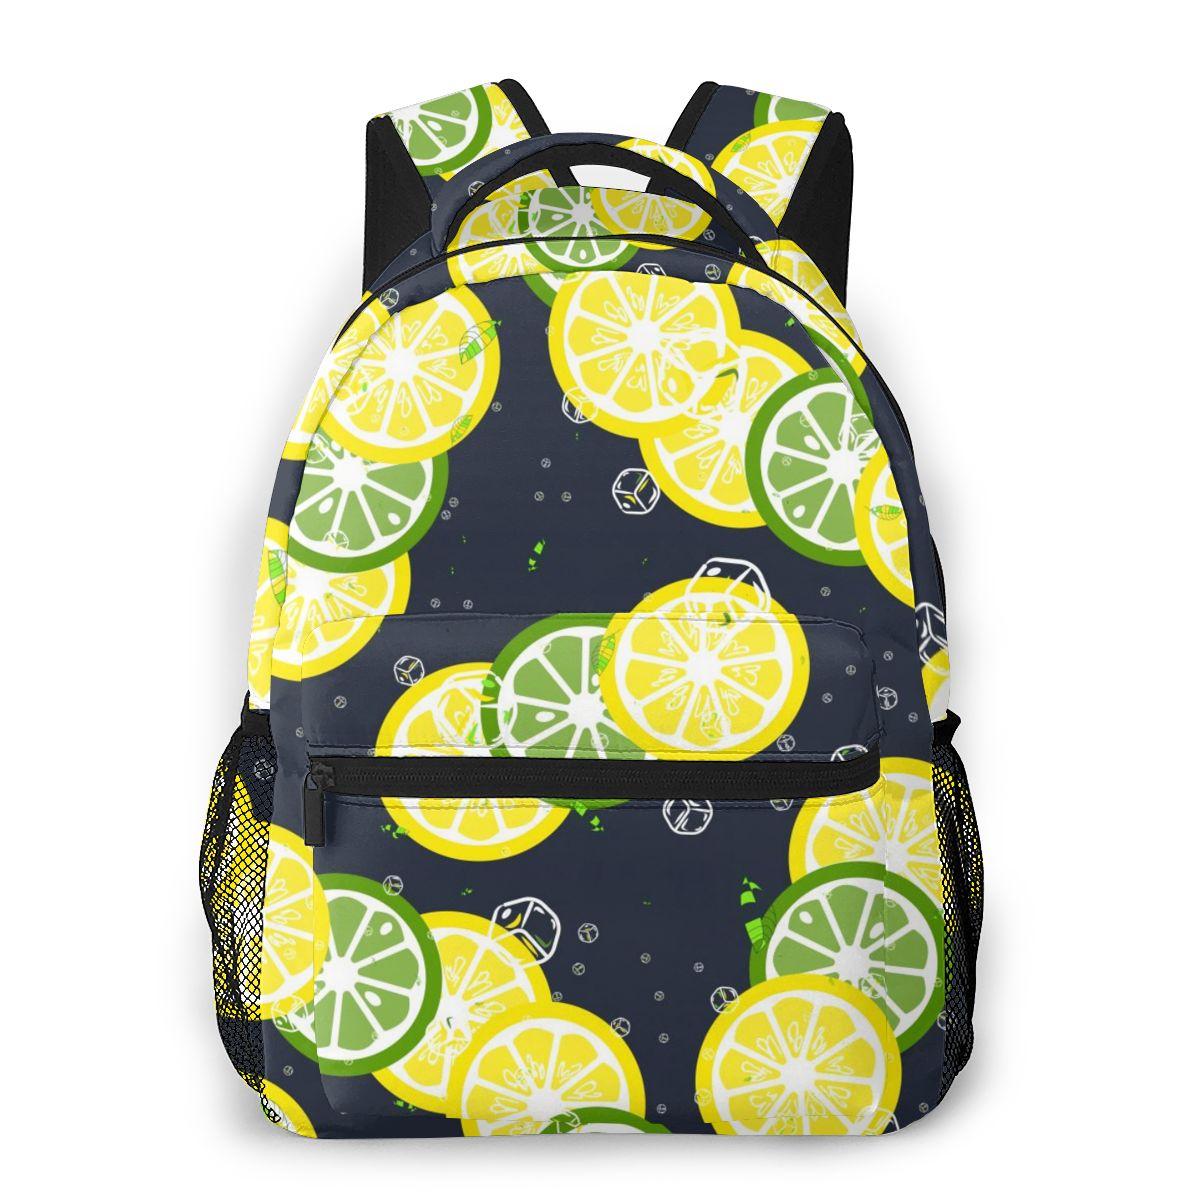 2020 neue Rucksack Zitrone Kalk Eiswürfel Und Mint Blätter Schule Tasche Männer Rucksack Reise Daypacks Männlichen Freizeit Rucksack Frauen gril